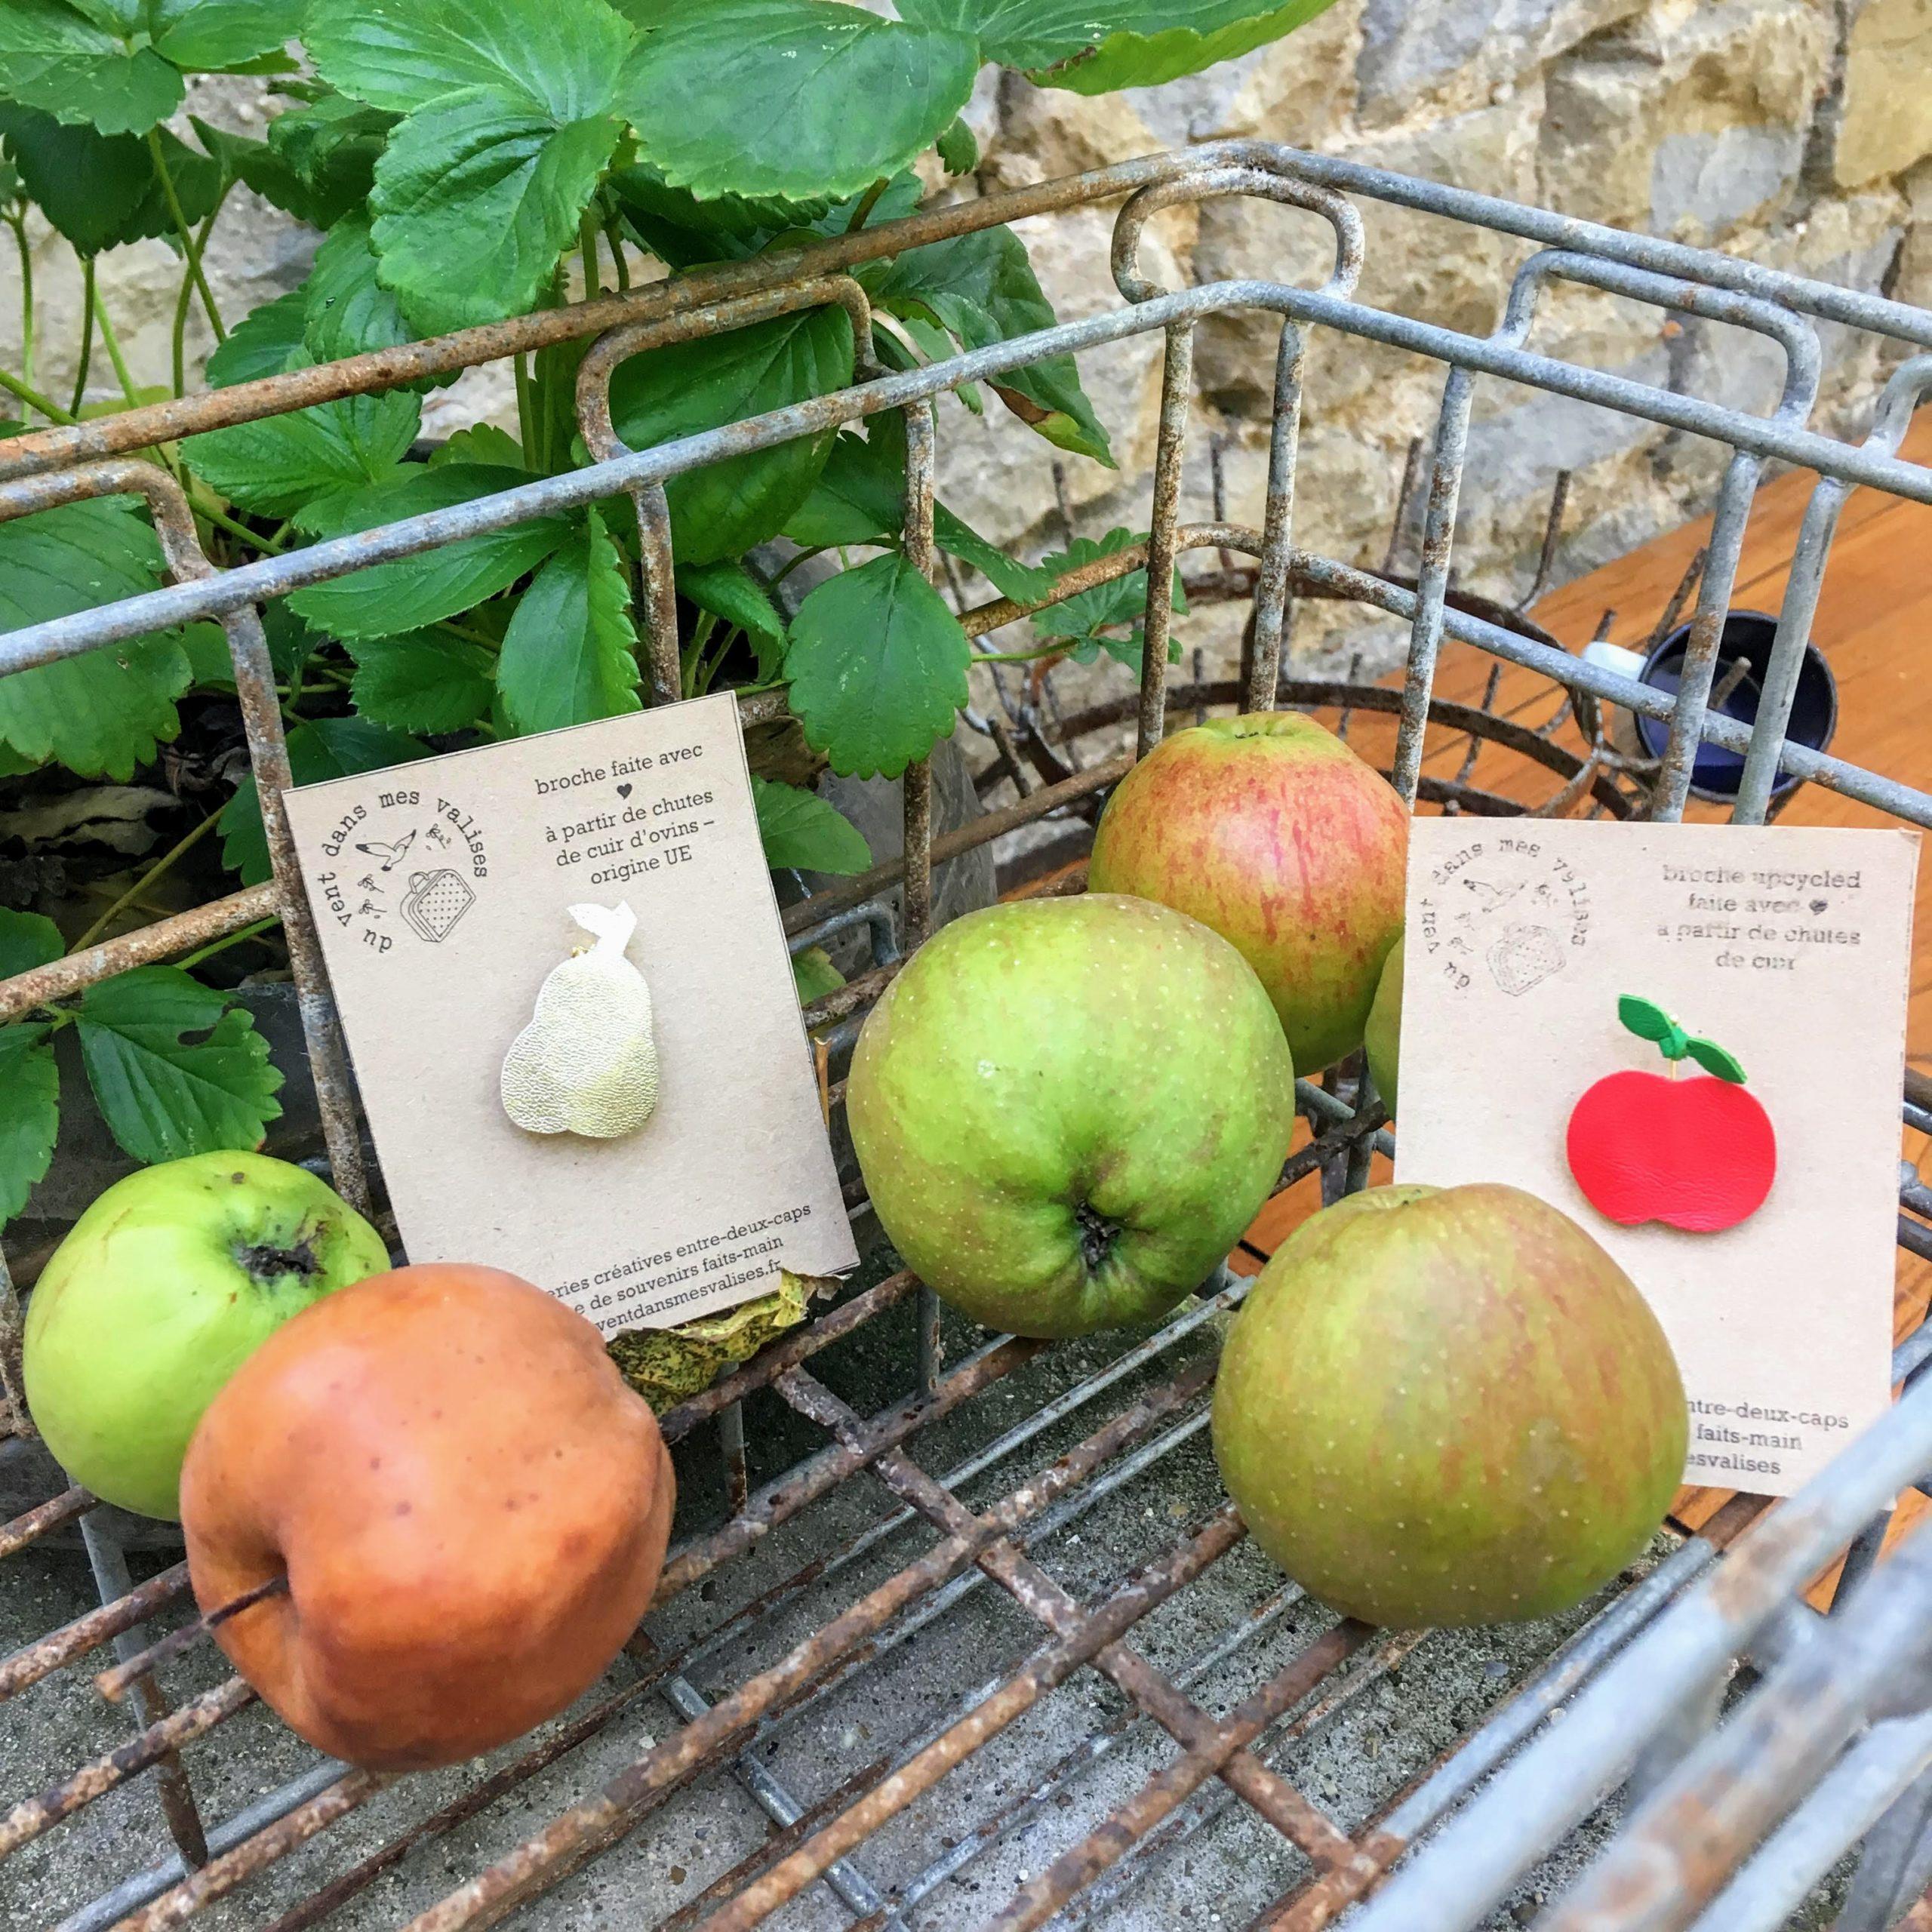 broche en cuir poétique fruits de saison made in France - du vent dans mes valises